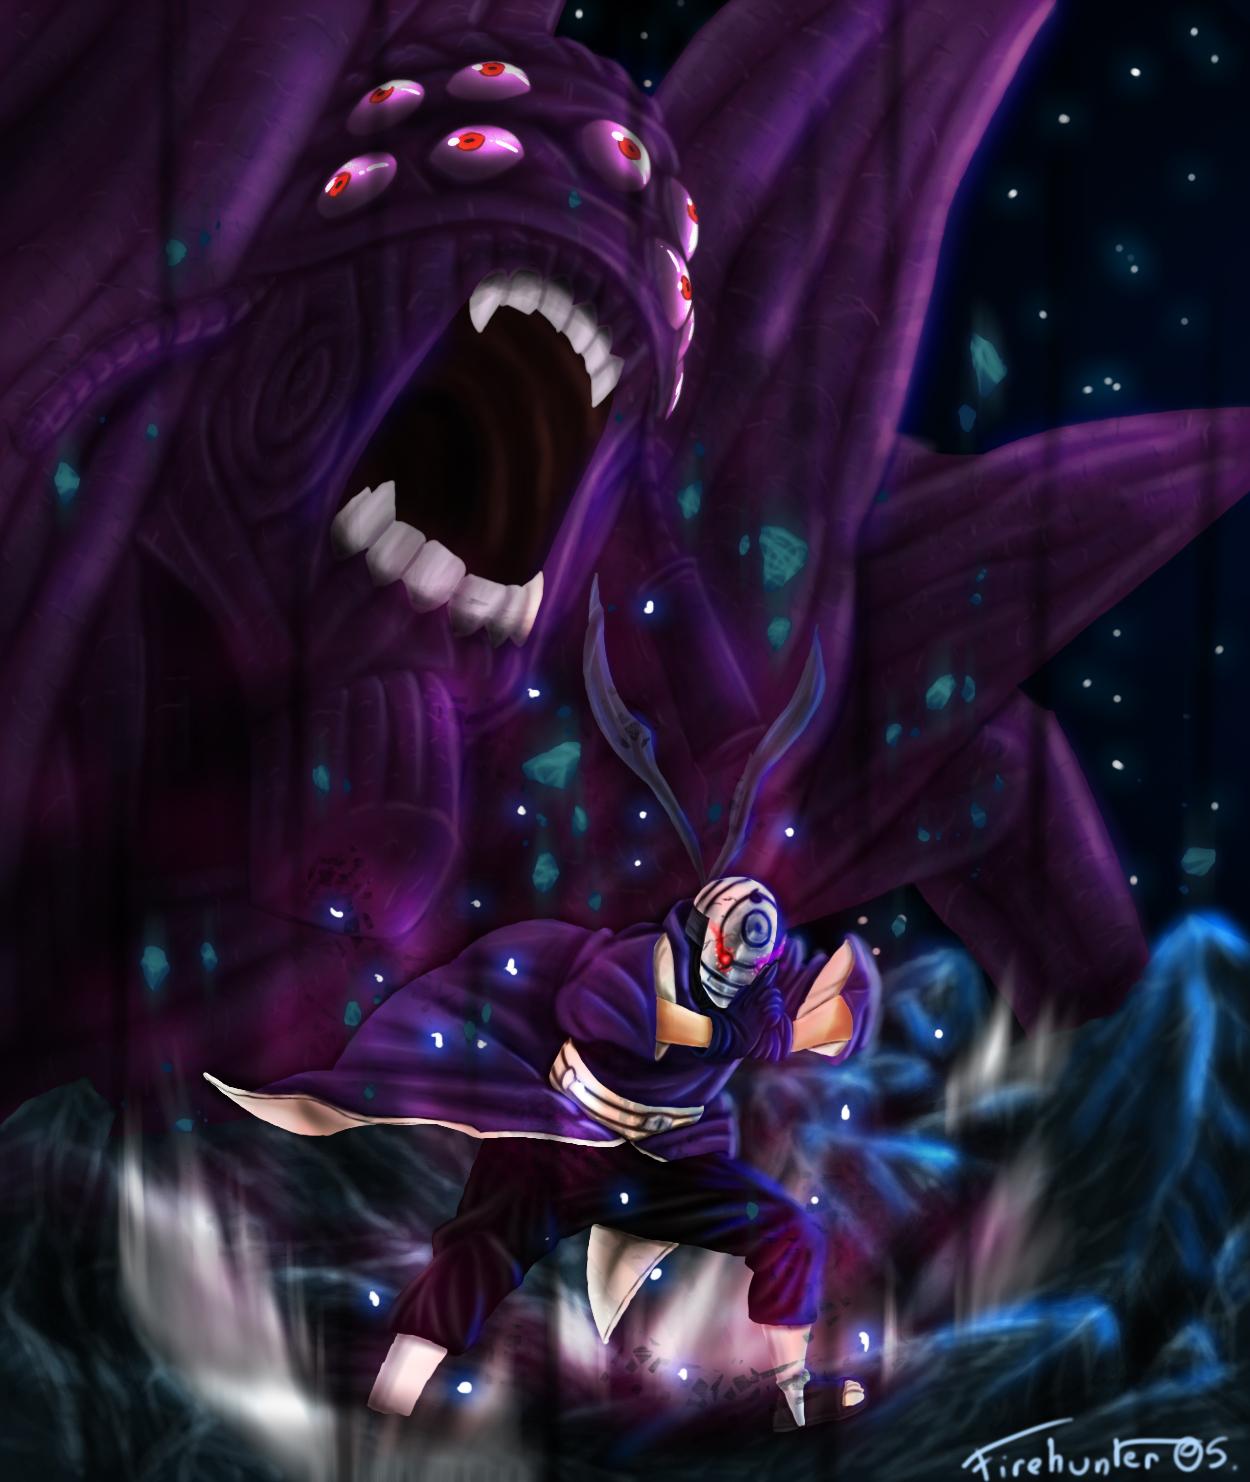 Naruto 592 - The power of Rinnegan by Sardoron